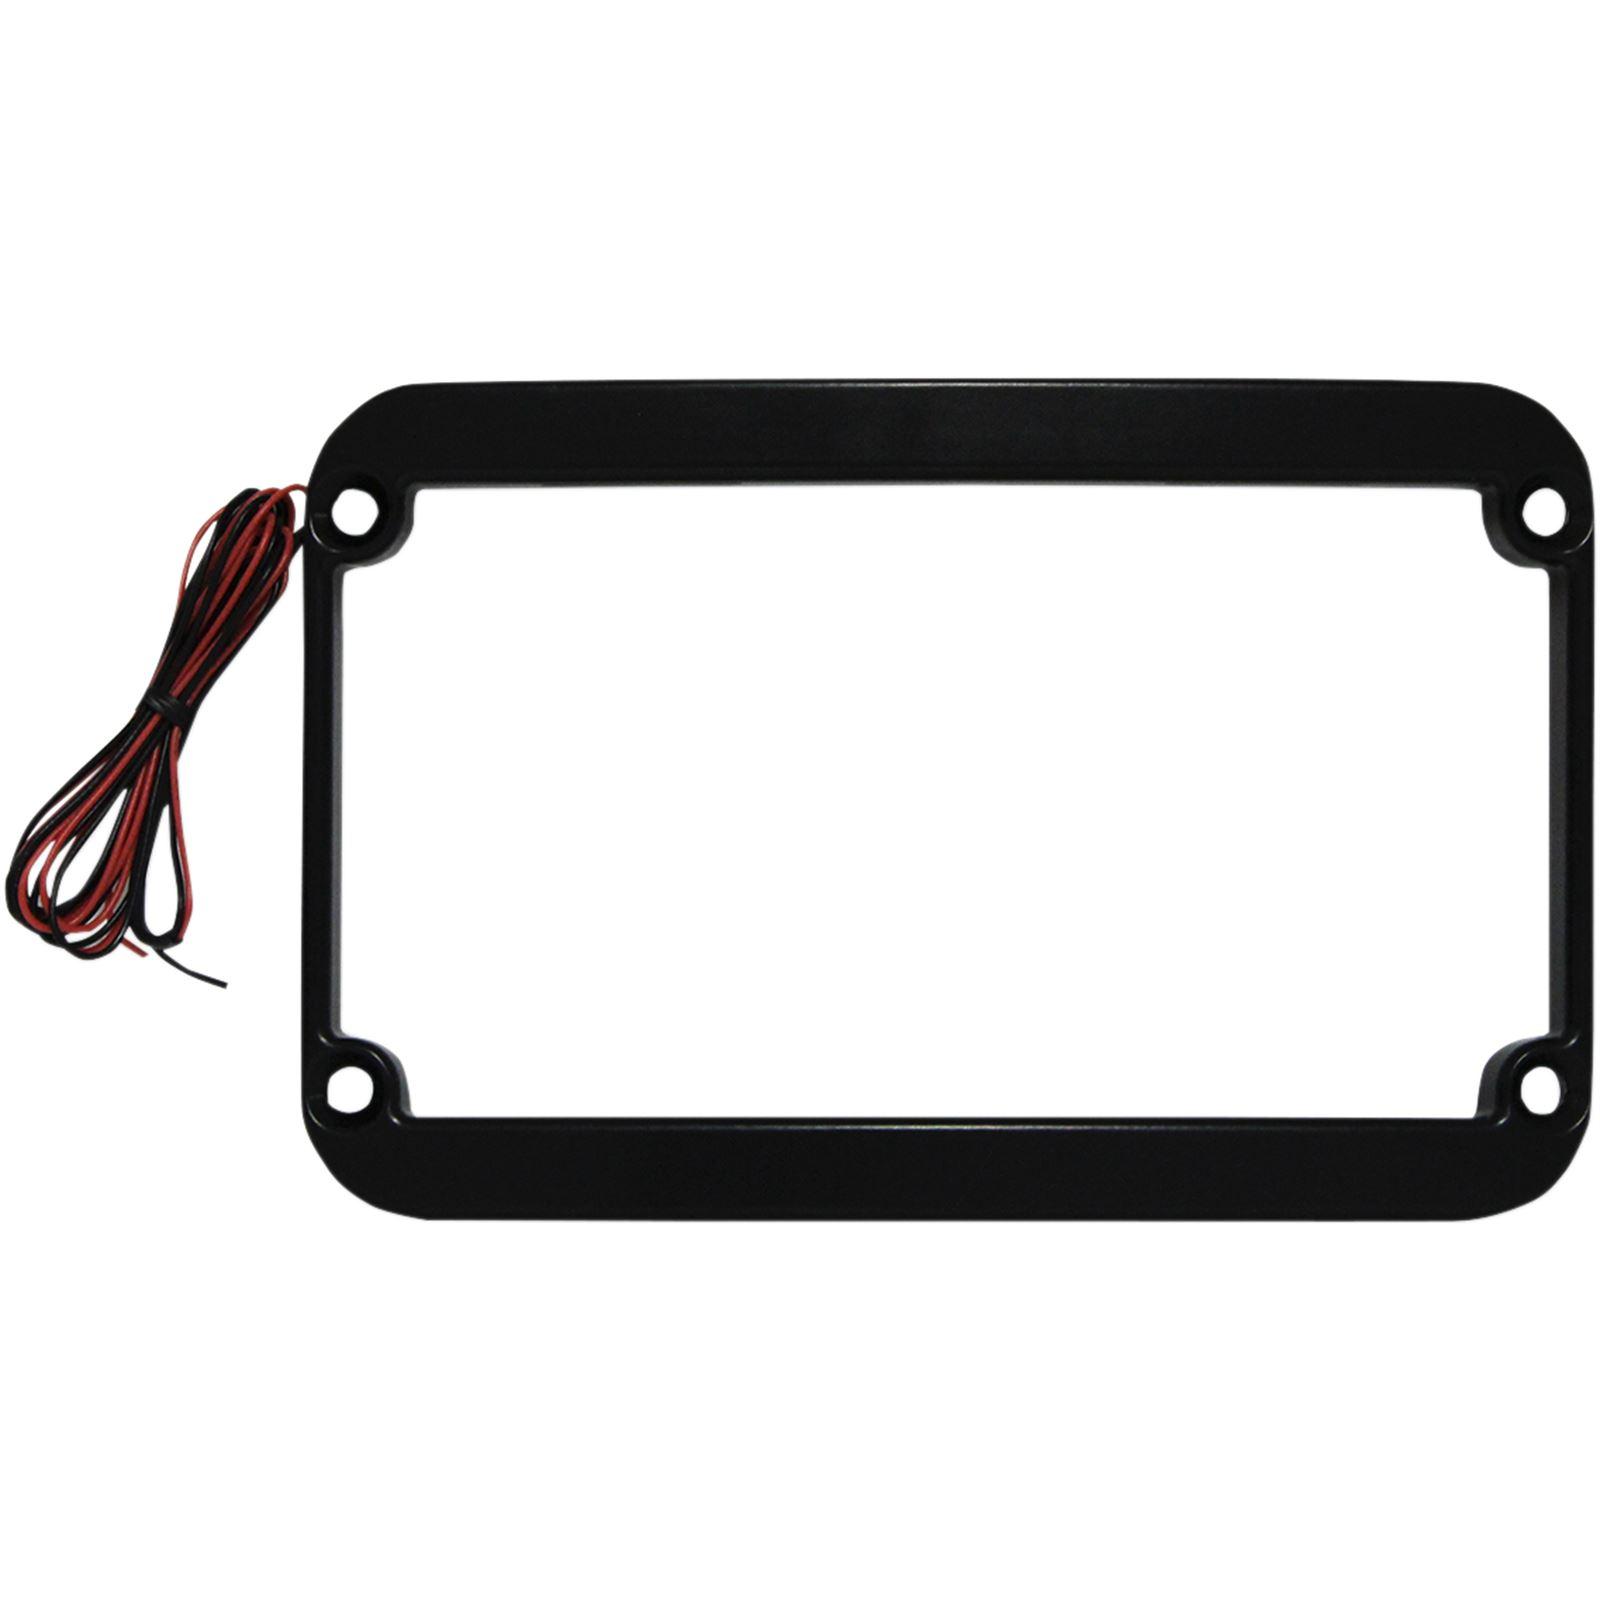 Klock Werks Lighted License Plate Frame - Black